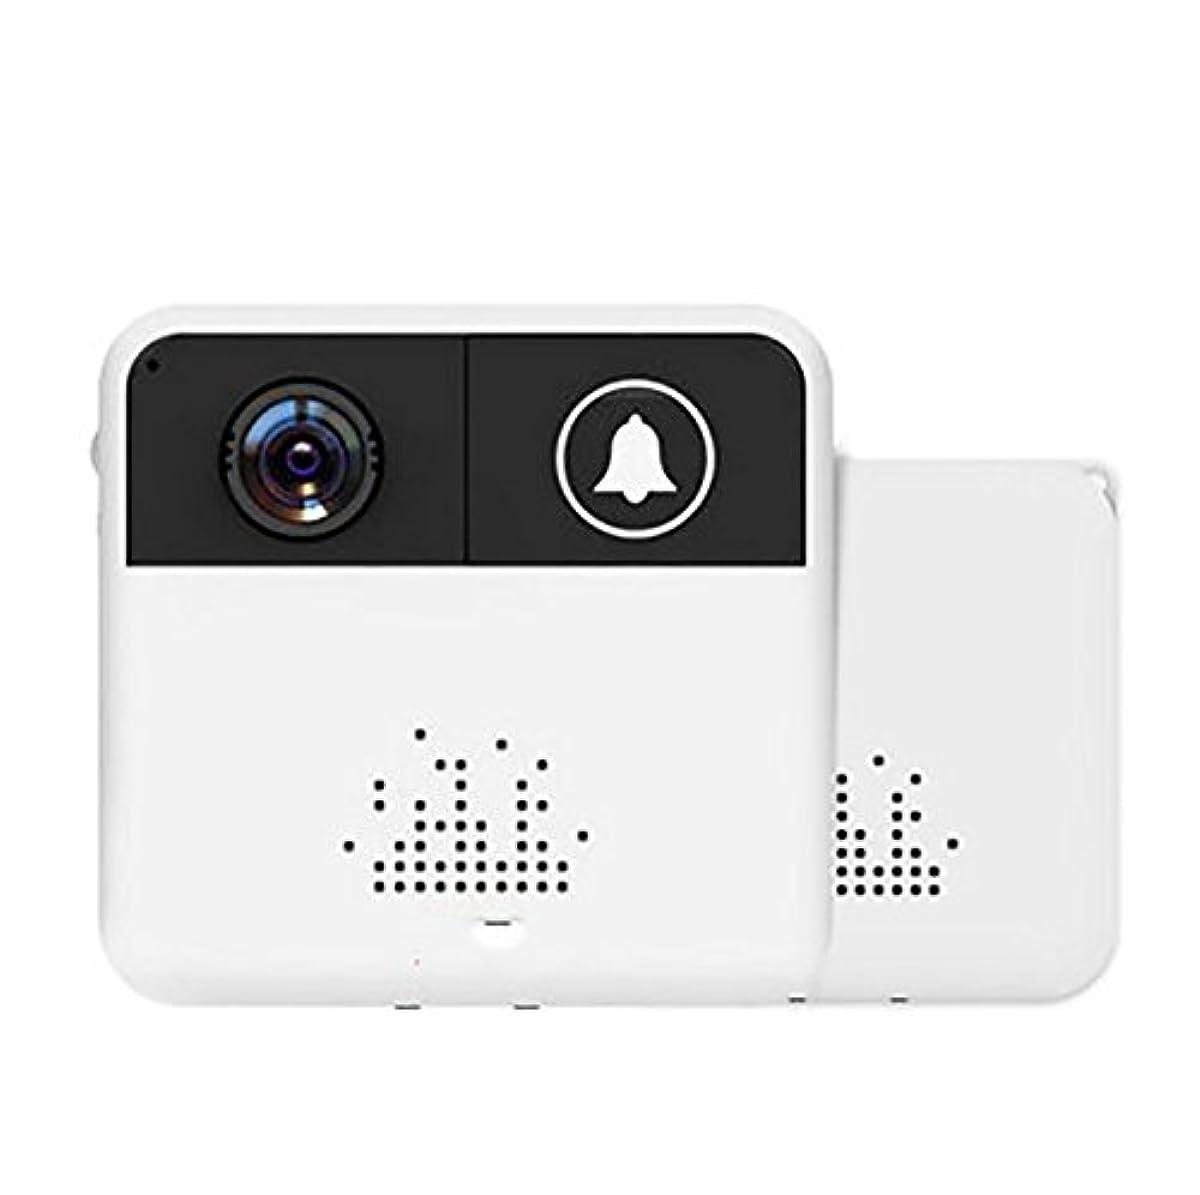 有望やりがいのある決めますWYMLKUD ワイヤレスビデオドアベル、 スマートホーム インターコムのドアベル、 携帯電話のリモート 監視カメラ、 レシーバ+トランスミッタ(バッテリが必要)、 防水、 プラスチック材料、 ホワイト (色 : 白)